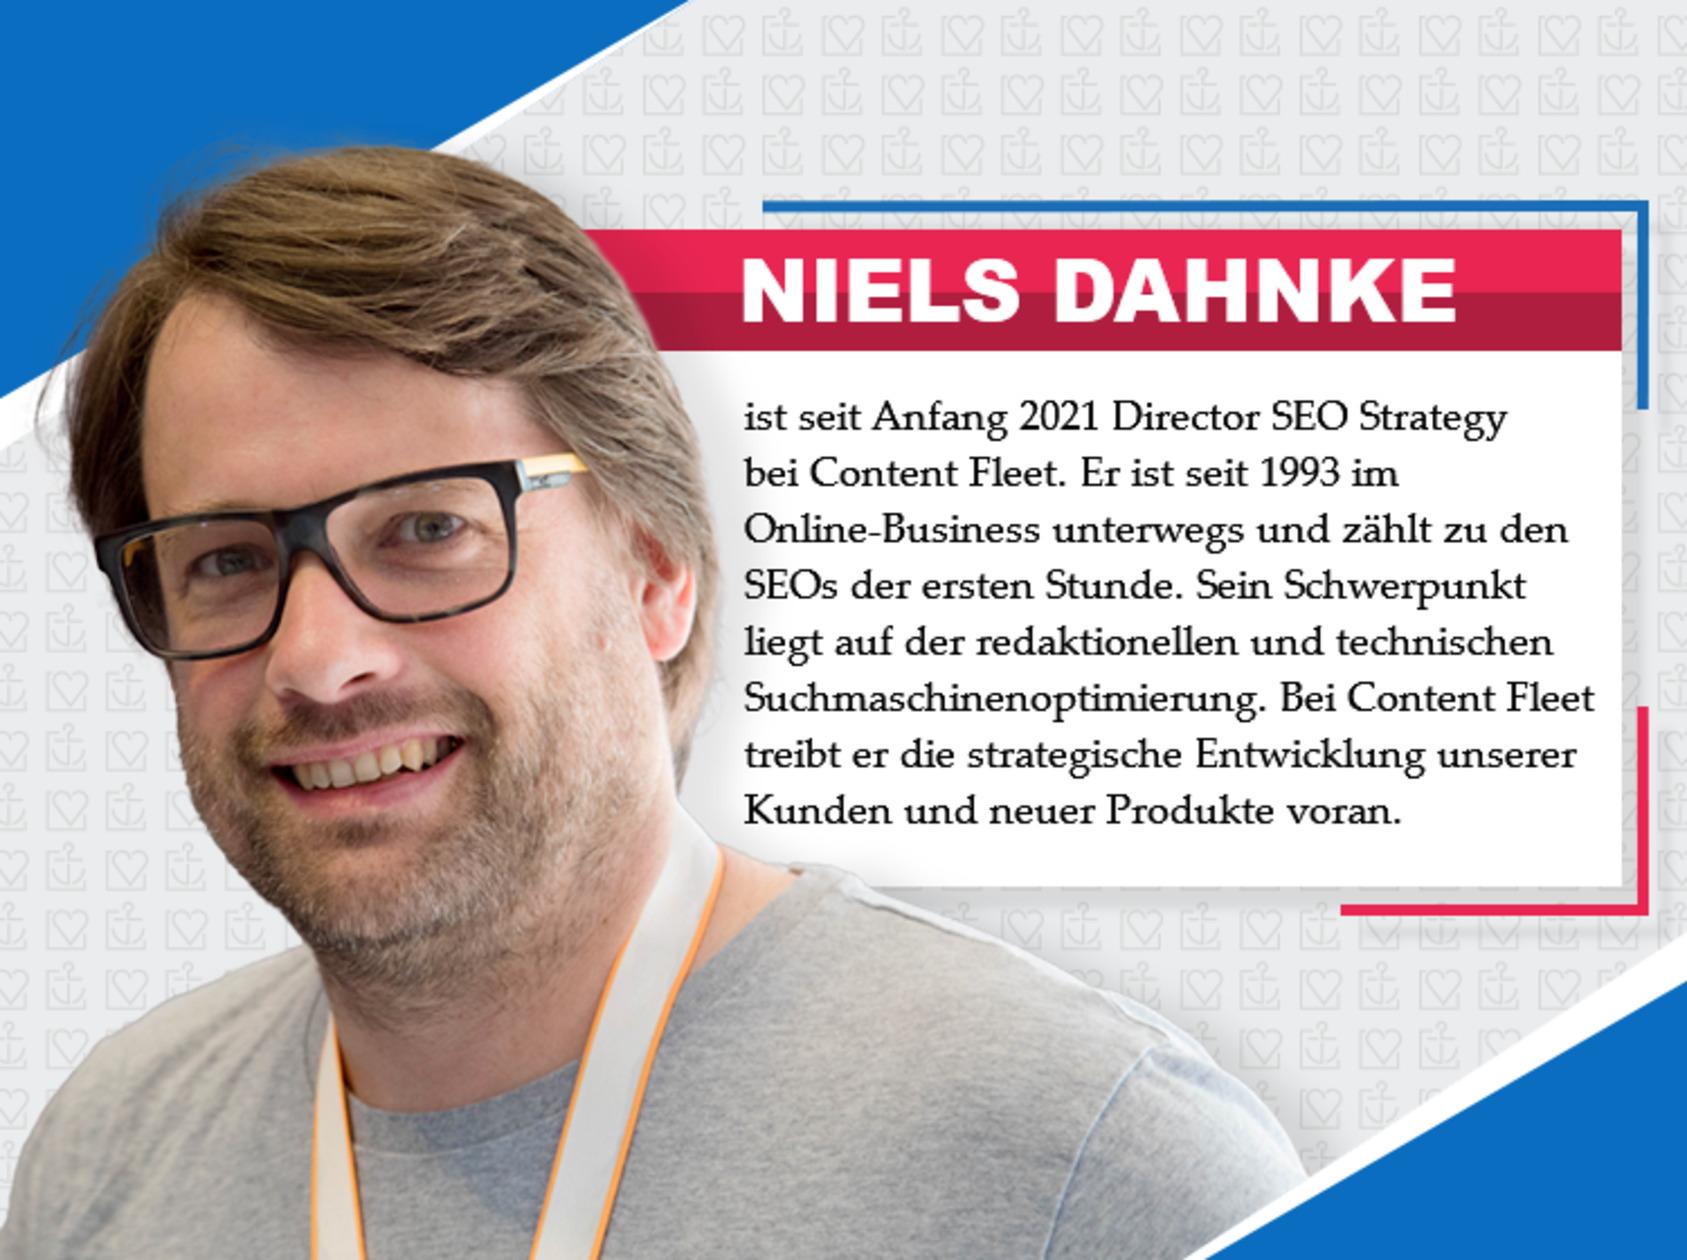 Niels Dahnke über Seeding